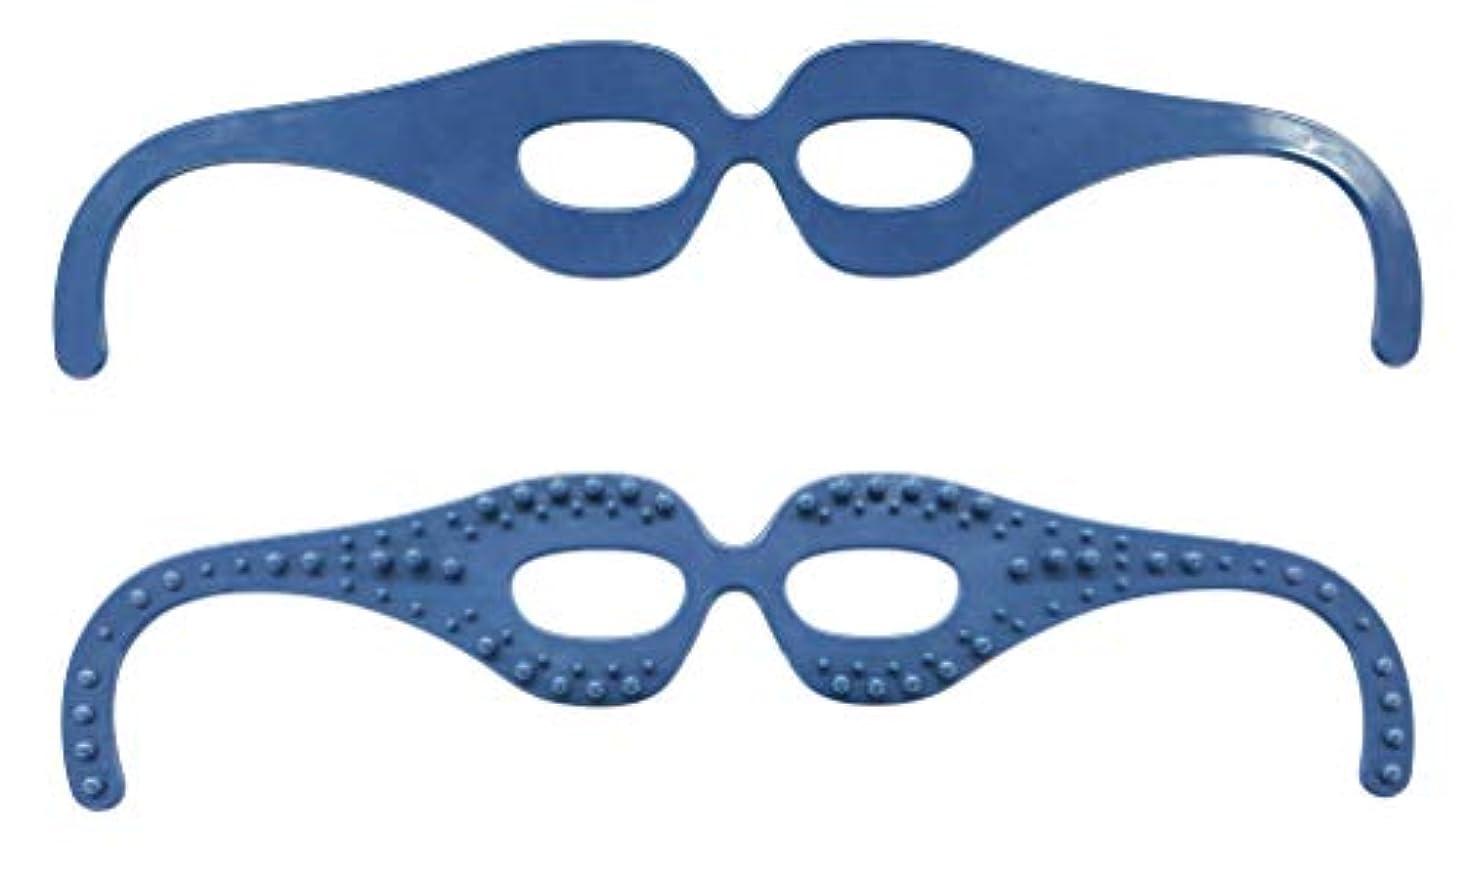 非常に怒っています祈りスピリチュアル目元スッキリ! 気分爽快! 整体師の資格を持つ眼鏡デザイナーが開発した簡単顔ツボ刺激の超リラックスメガネ。 FI7408-1